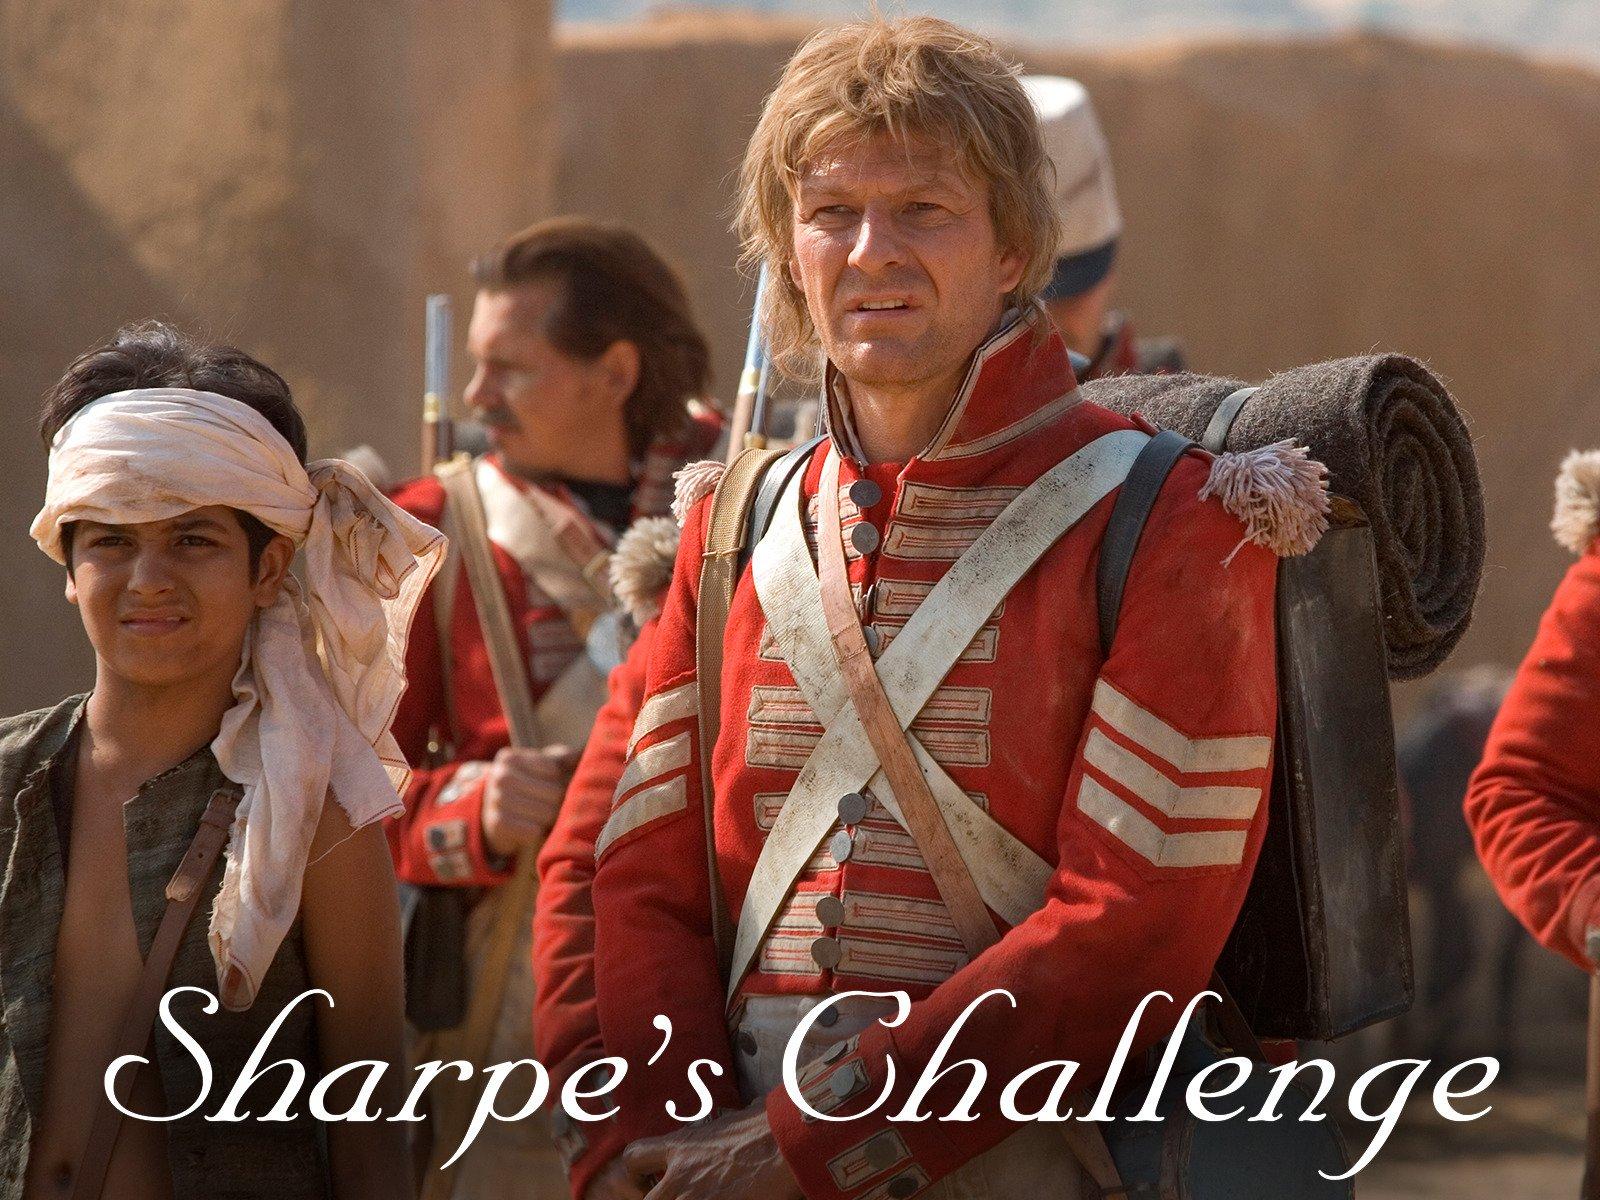 Sharpe TV Series – Sharpe's Challenge S 06 Episode 01